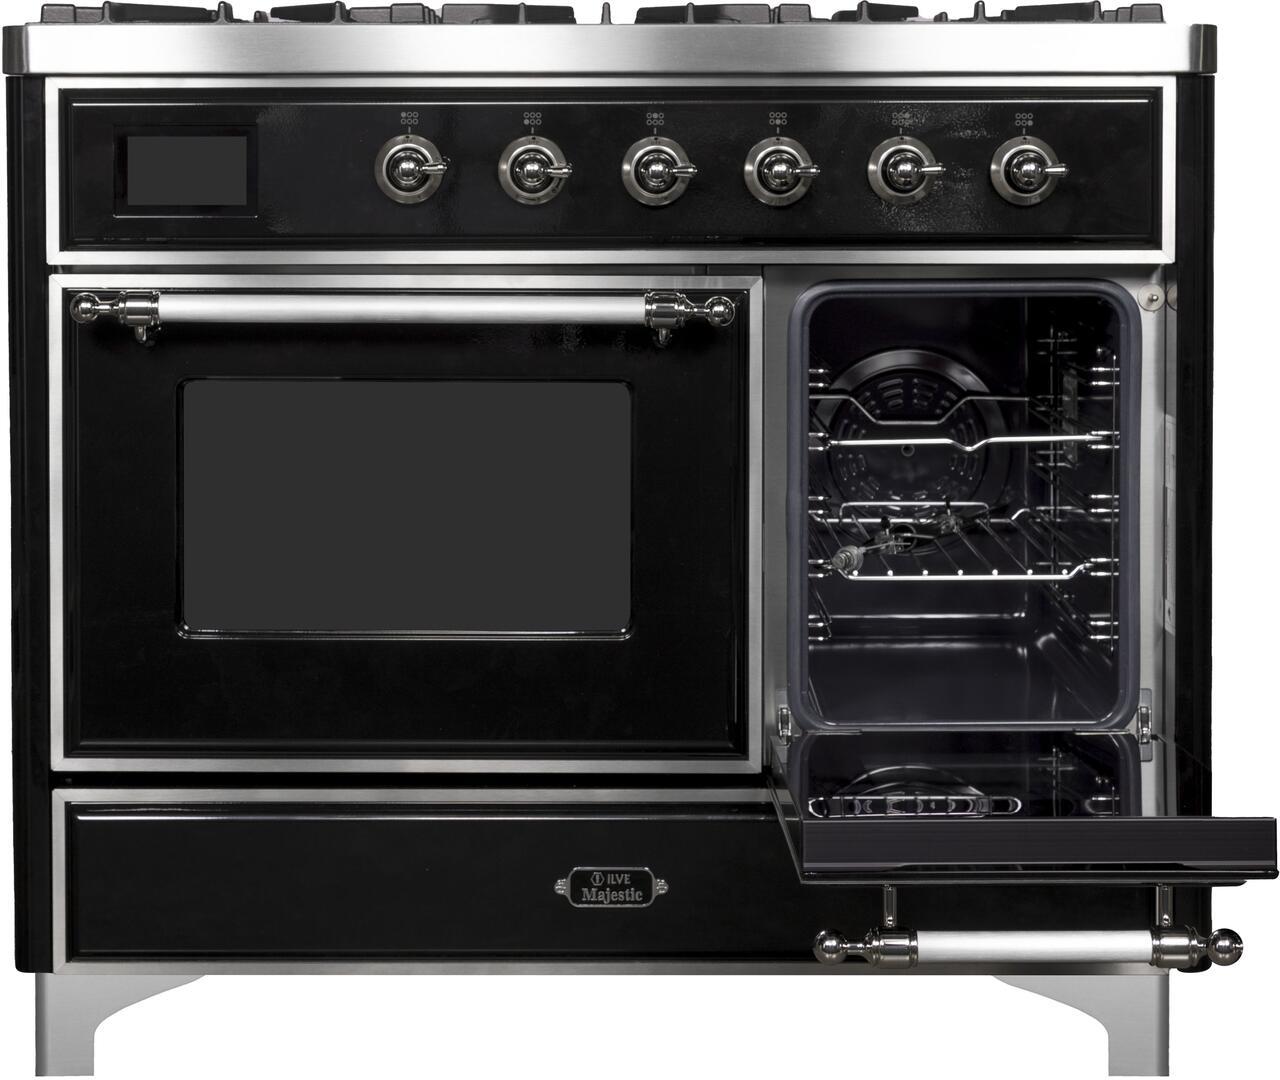 Ilve Majestic II UMD10FDNS3BKCLP Freestanding Dual Fuel Range Black, UMD10FDNS3BKC Side Oven Door Opened